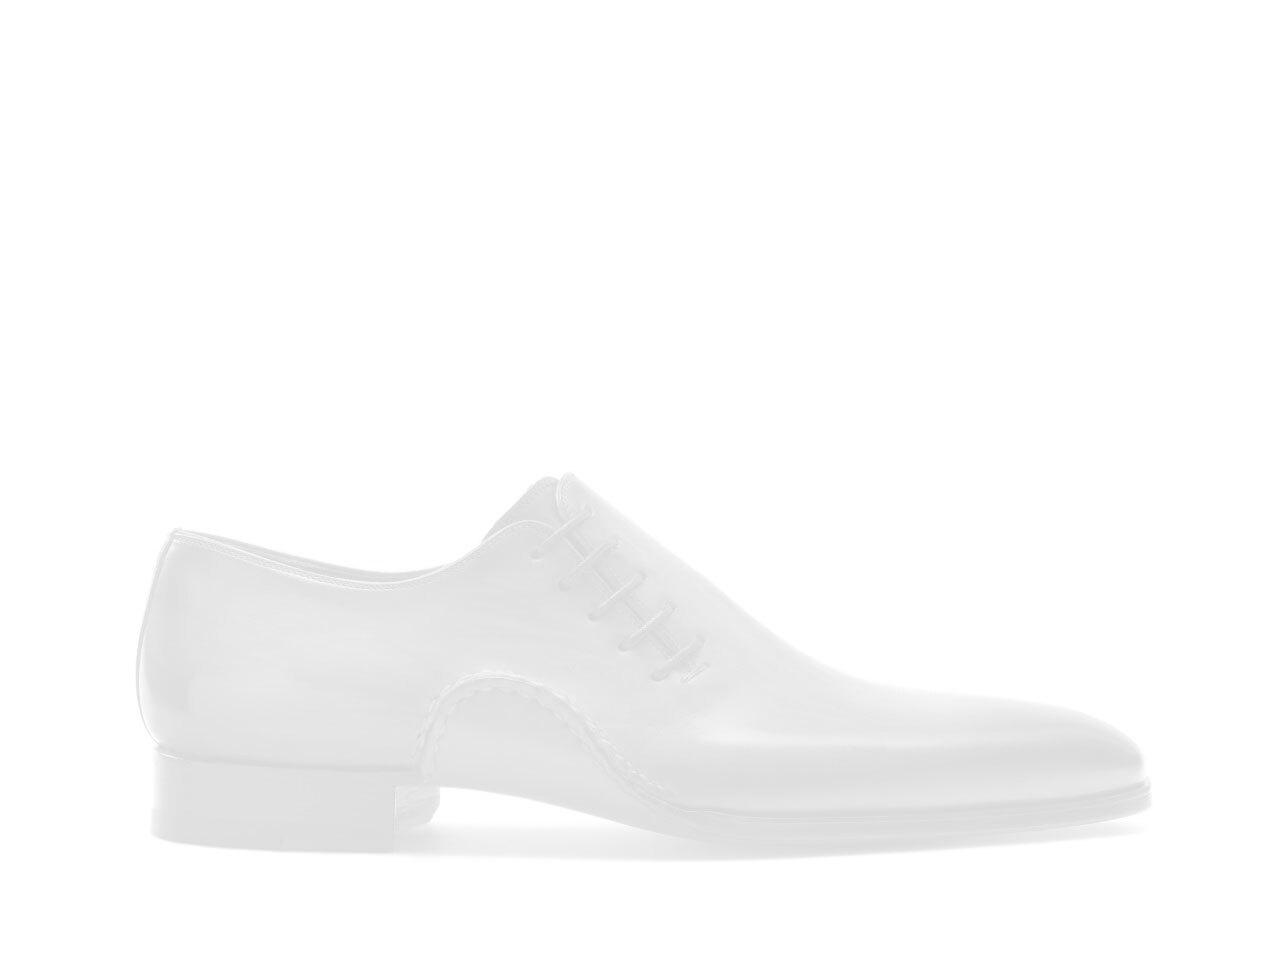 Pair of the Magnanni Nash Cuero Men's Sneakers